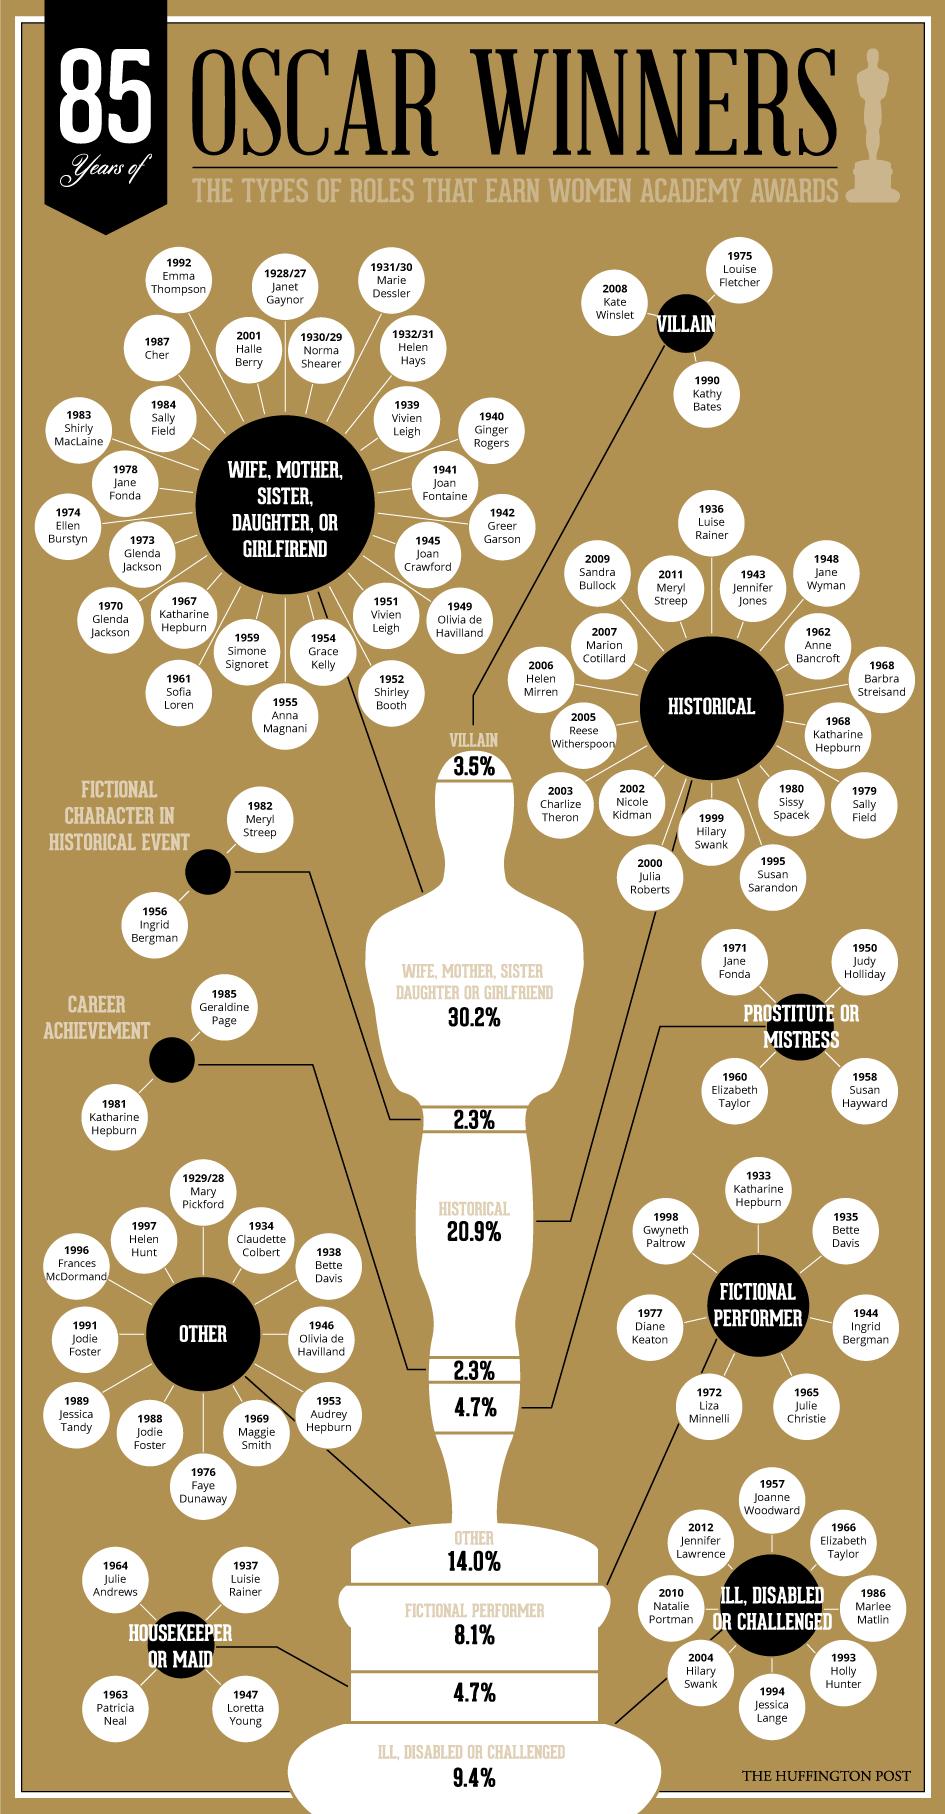 Ablalar Oscarı nasıl alır?